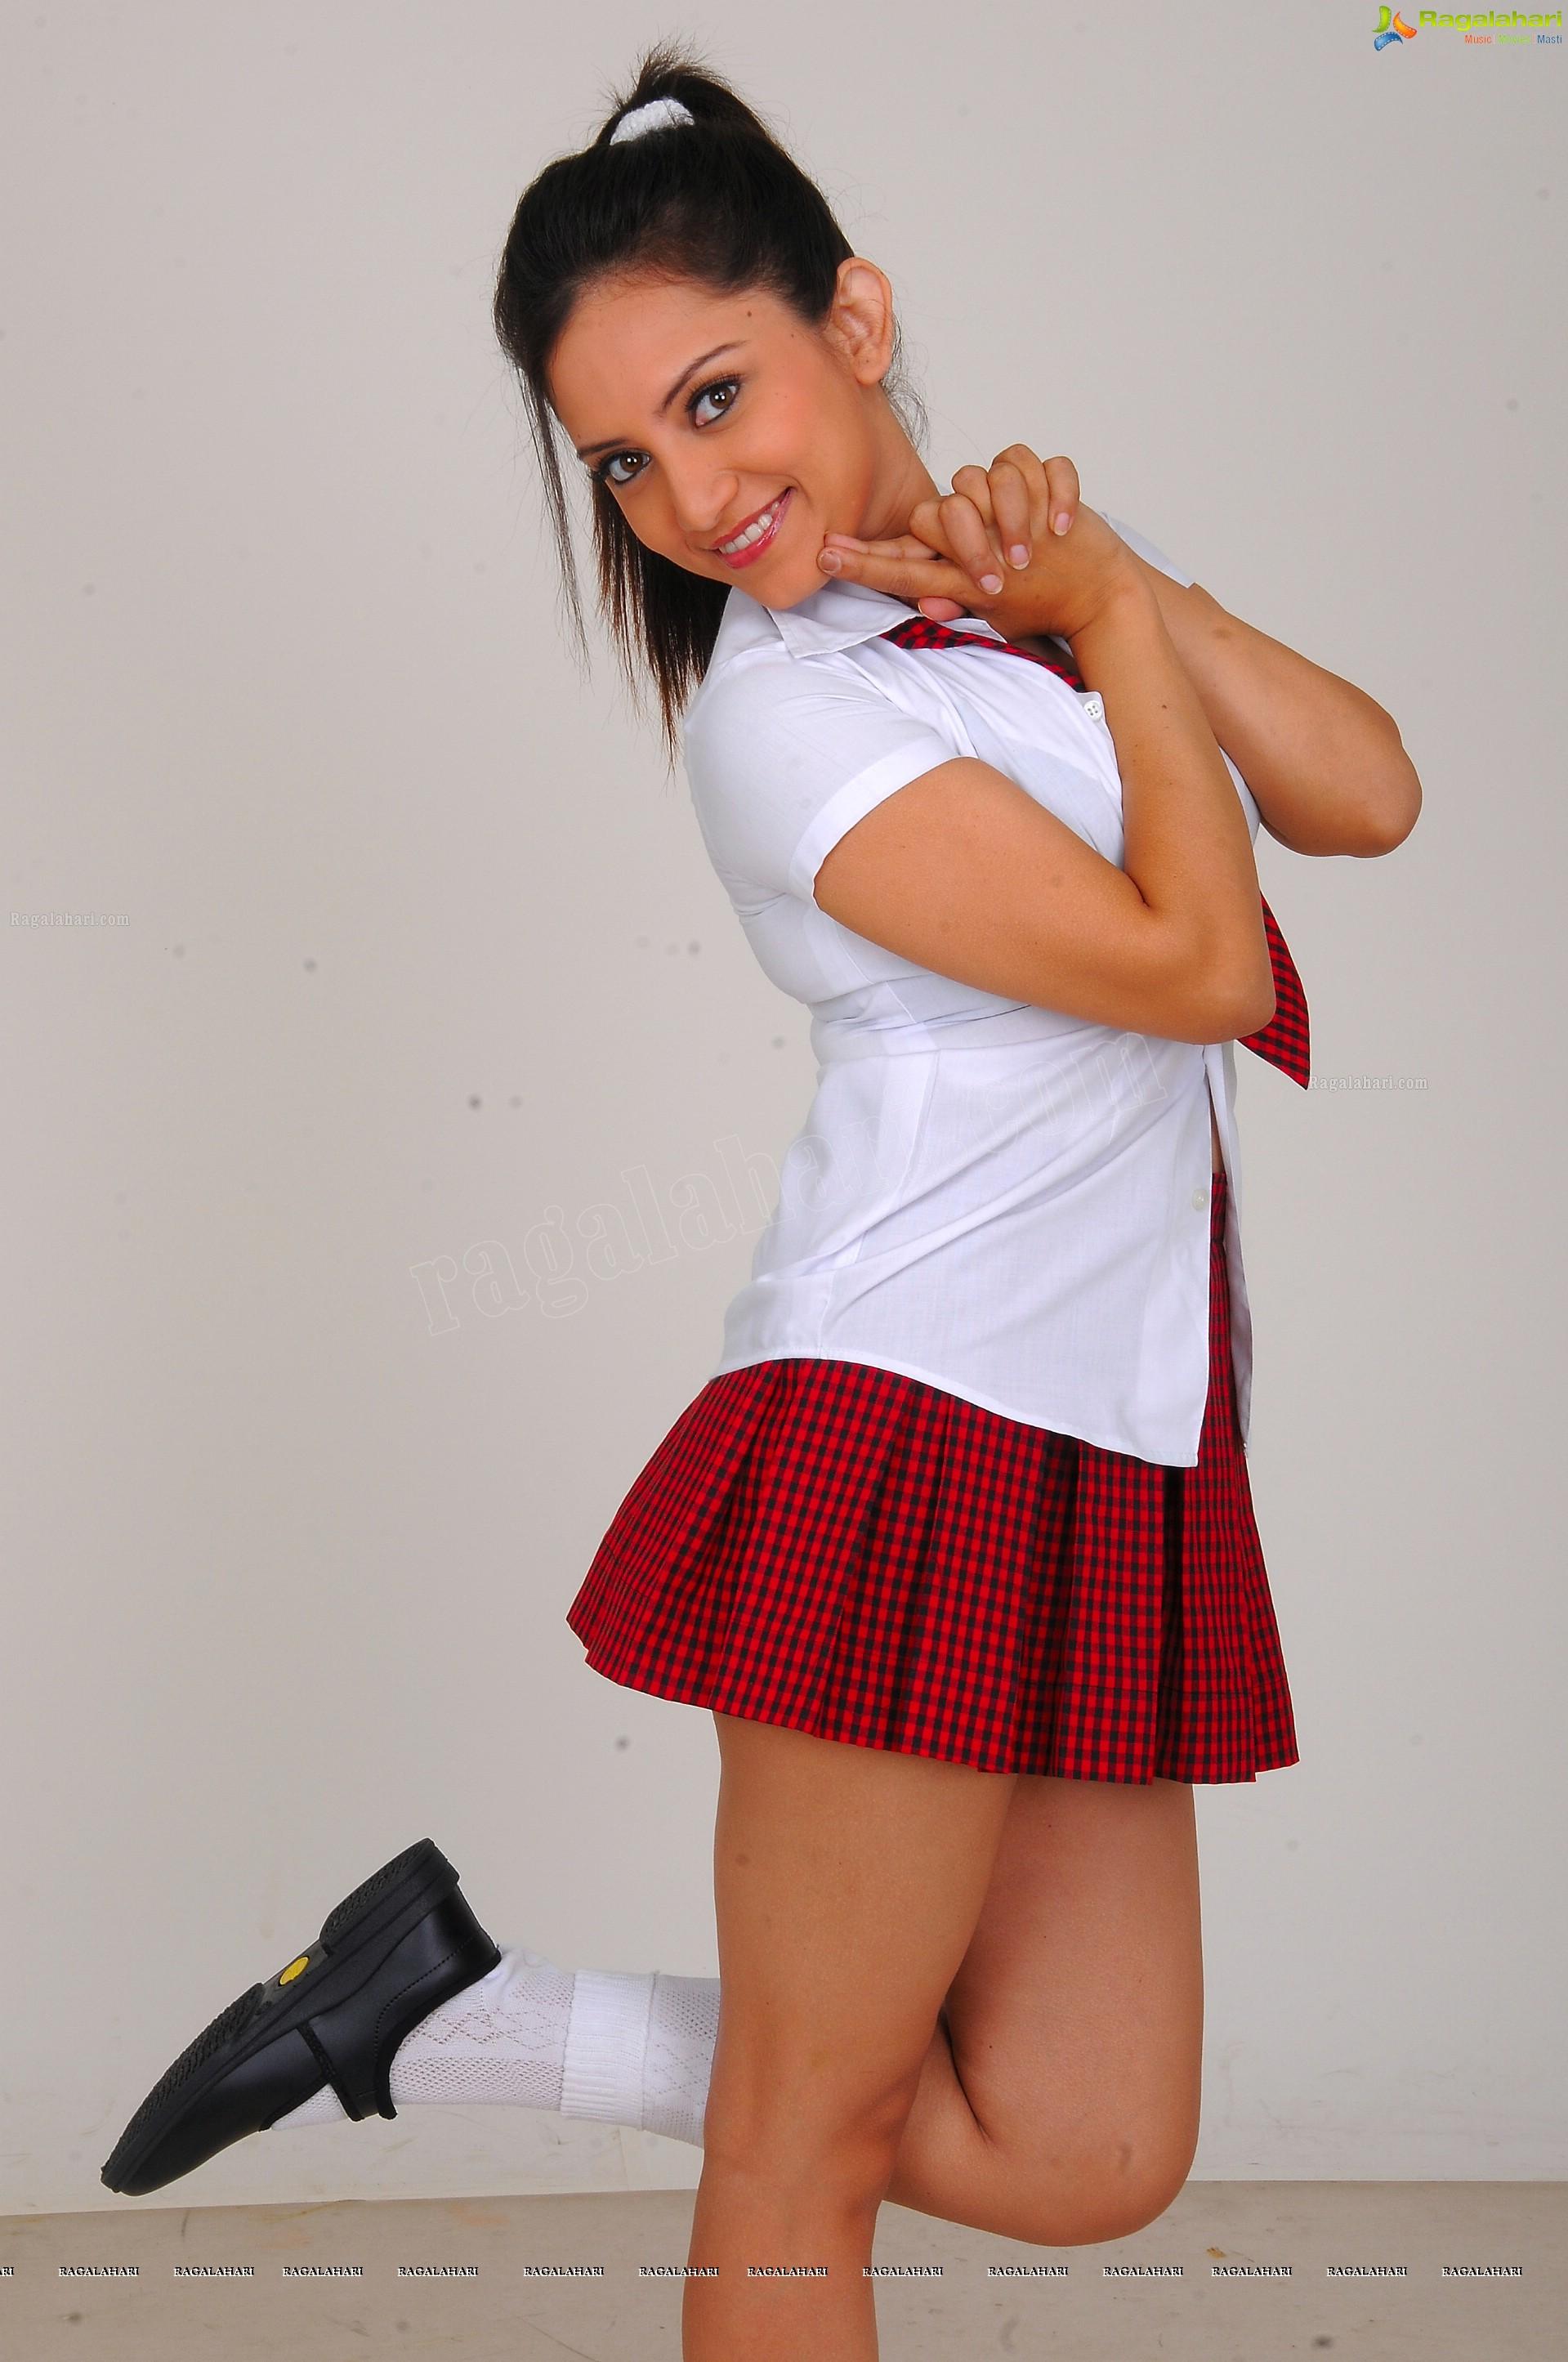 http://img.raagalahari.com/june2013/hd/telugu-heroine-leesa/telugu-heroine-leesa47.jpg